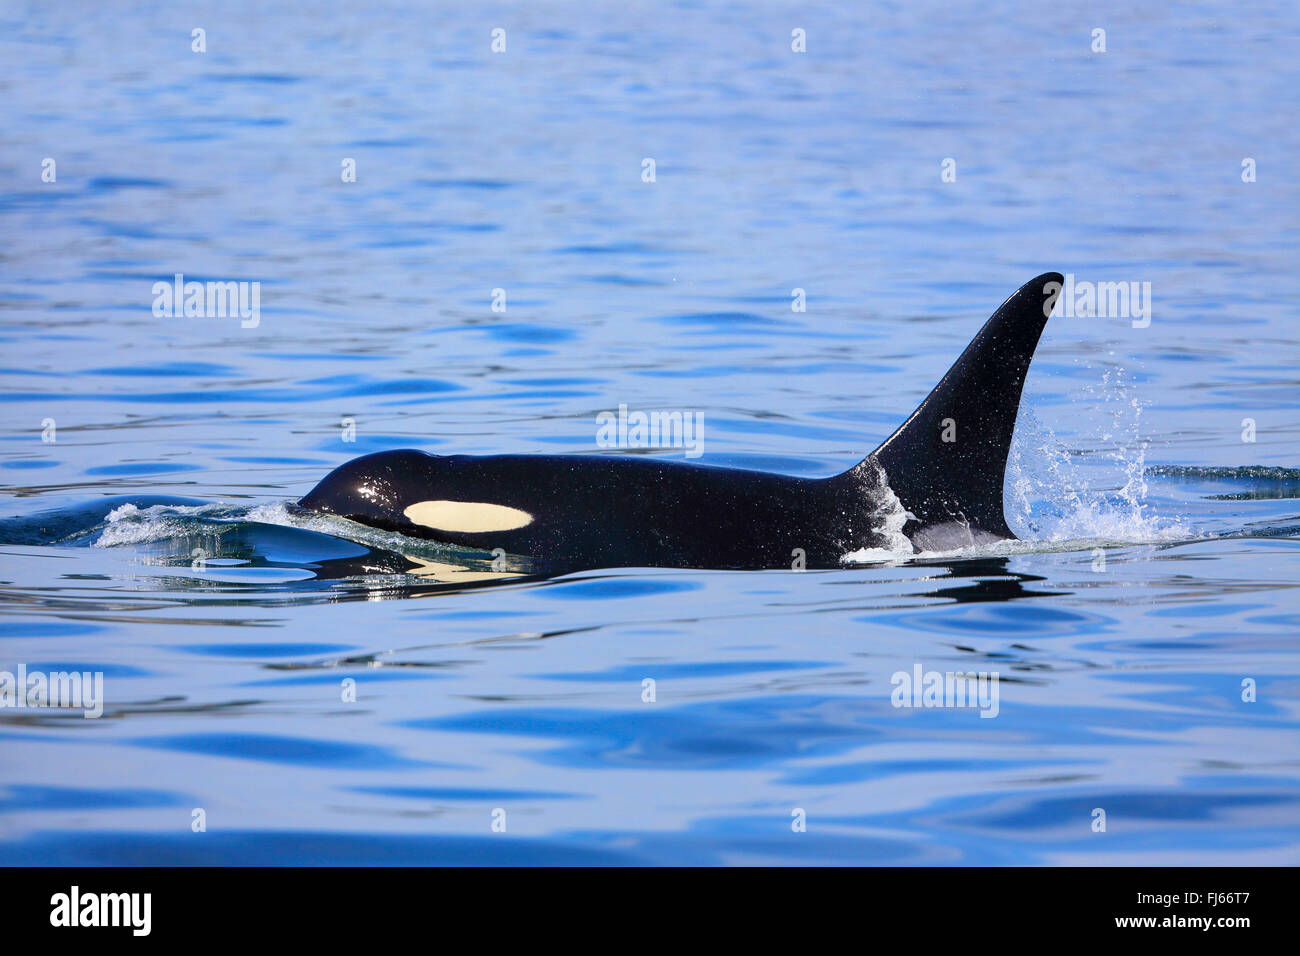 Orca, gran, grampus orca (Orcinus orca), natación masculina, Canadá, Victoria, Estrecho de Haro Foto de stock